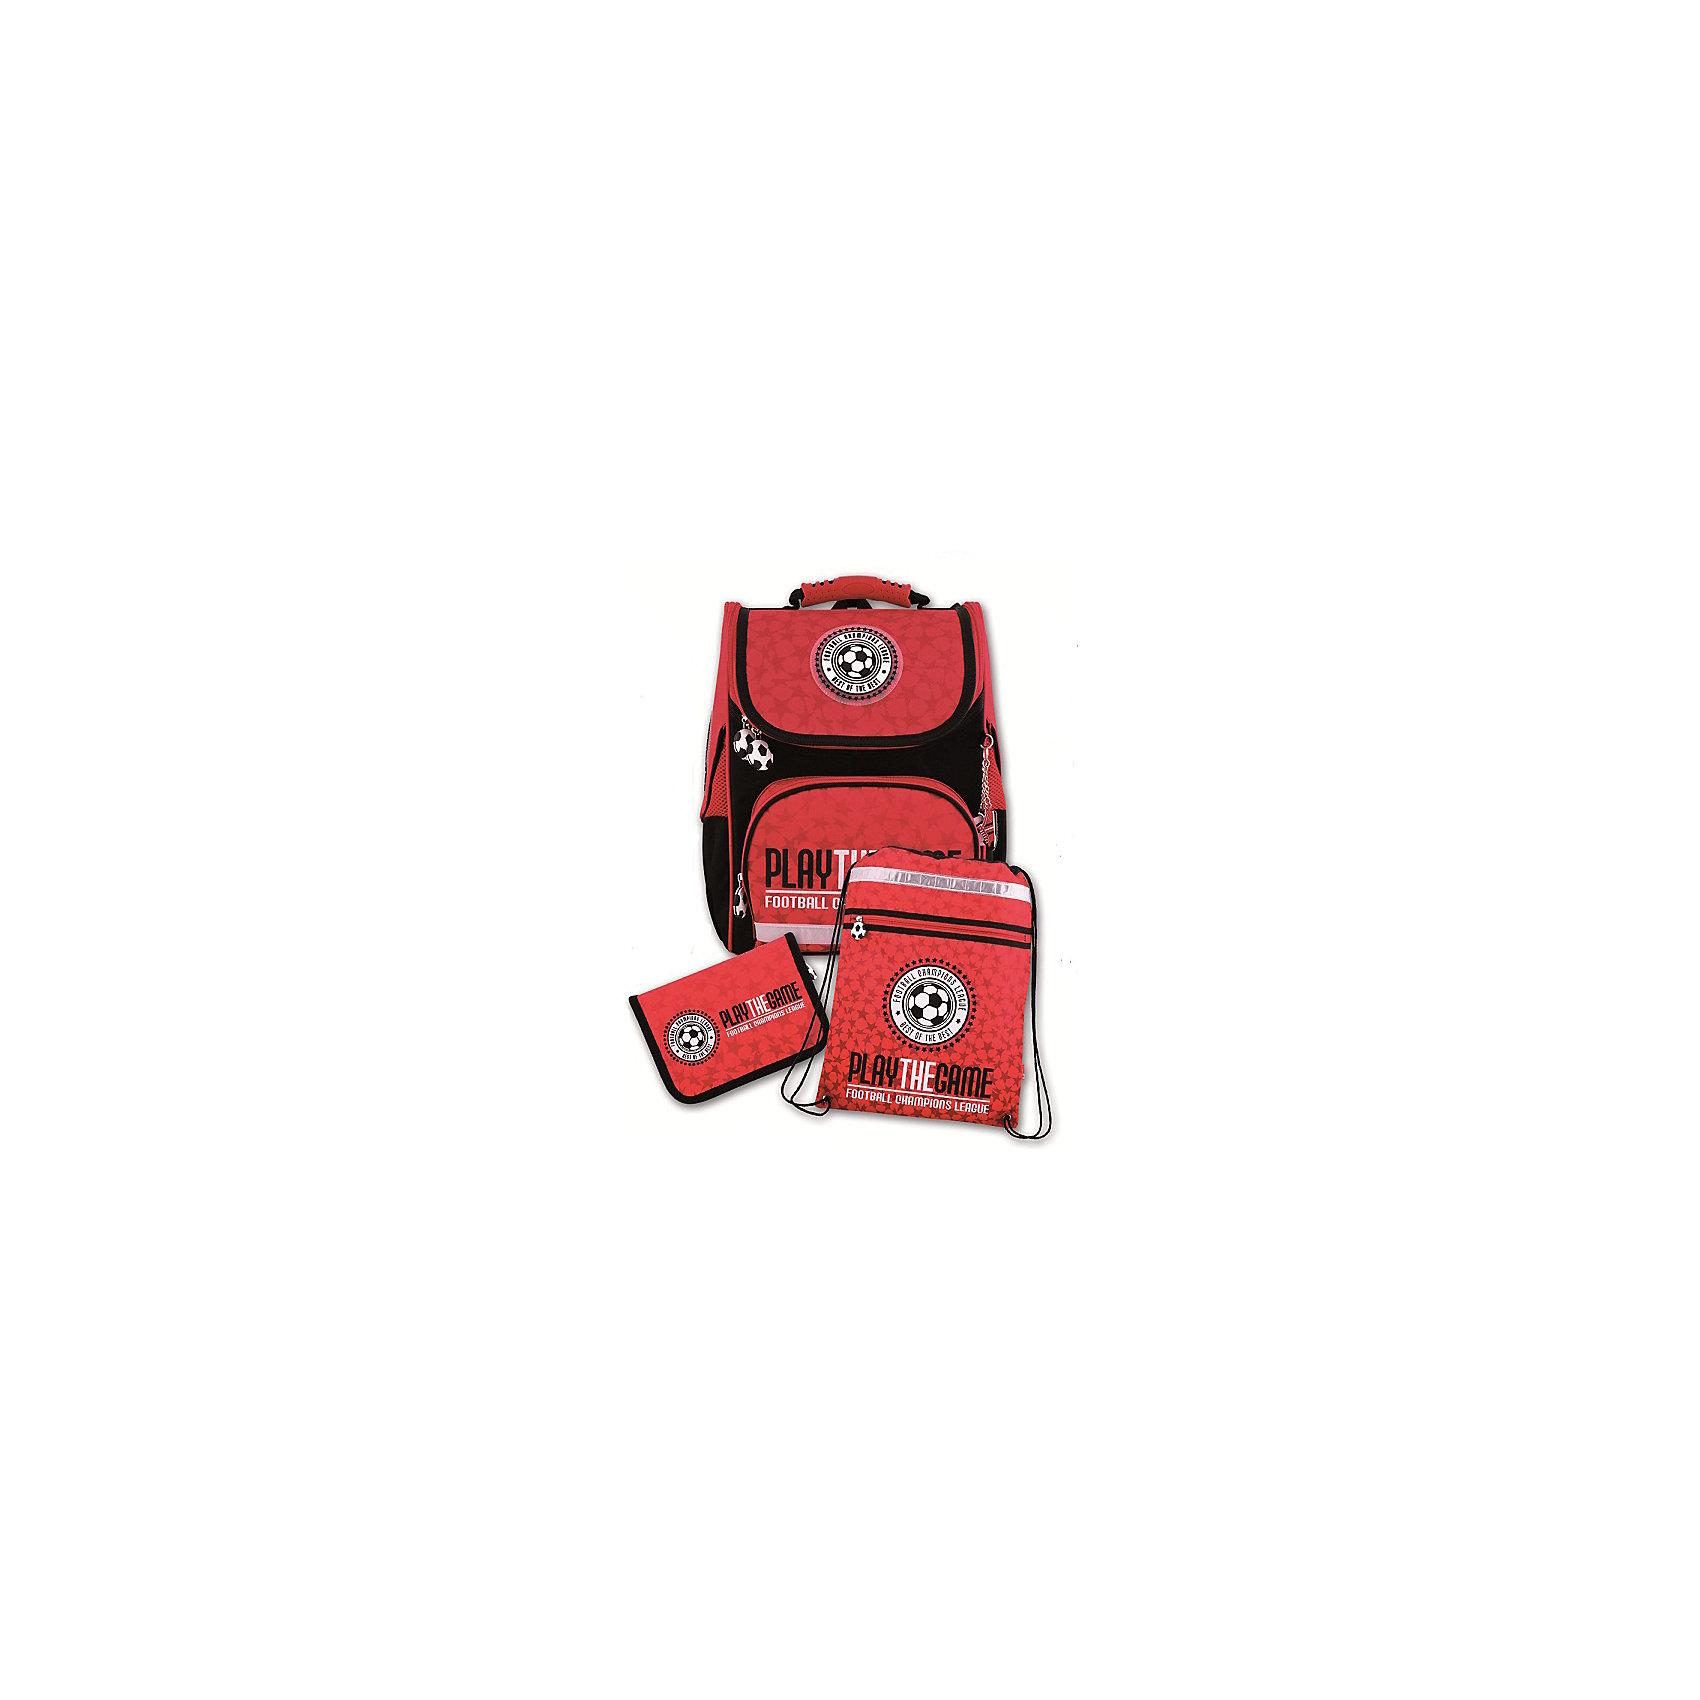 Ранец с наполнением Футбол Феникс+, красныйРанцы<br>Набор для школьника ФУТБОЛ (КРАСНЫЙ) (ранец, пенал (без наполнения), мешок для обуви в подарочной картонной коробке с ПВХ-окошком (полиэстер): (ранец: 35x26x15см,  пенал: 20x13.5x3.5см, мешок для обуви: 36x48см)<br><br>Ширина мм: 300<br>Глубина мм: 190<br>Высота мм: 370<br>Вес г: 1835<br>Возраст от месяцев: 72<br>Возраст до месяцев: 2147483647<br>Пол: Унисекс<br>Возраст: Детский<br>SKU: 7046250